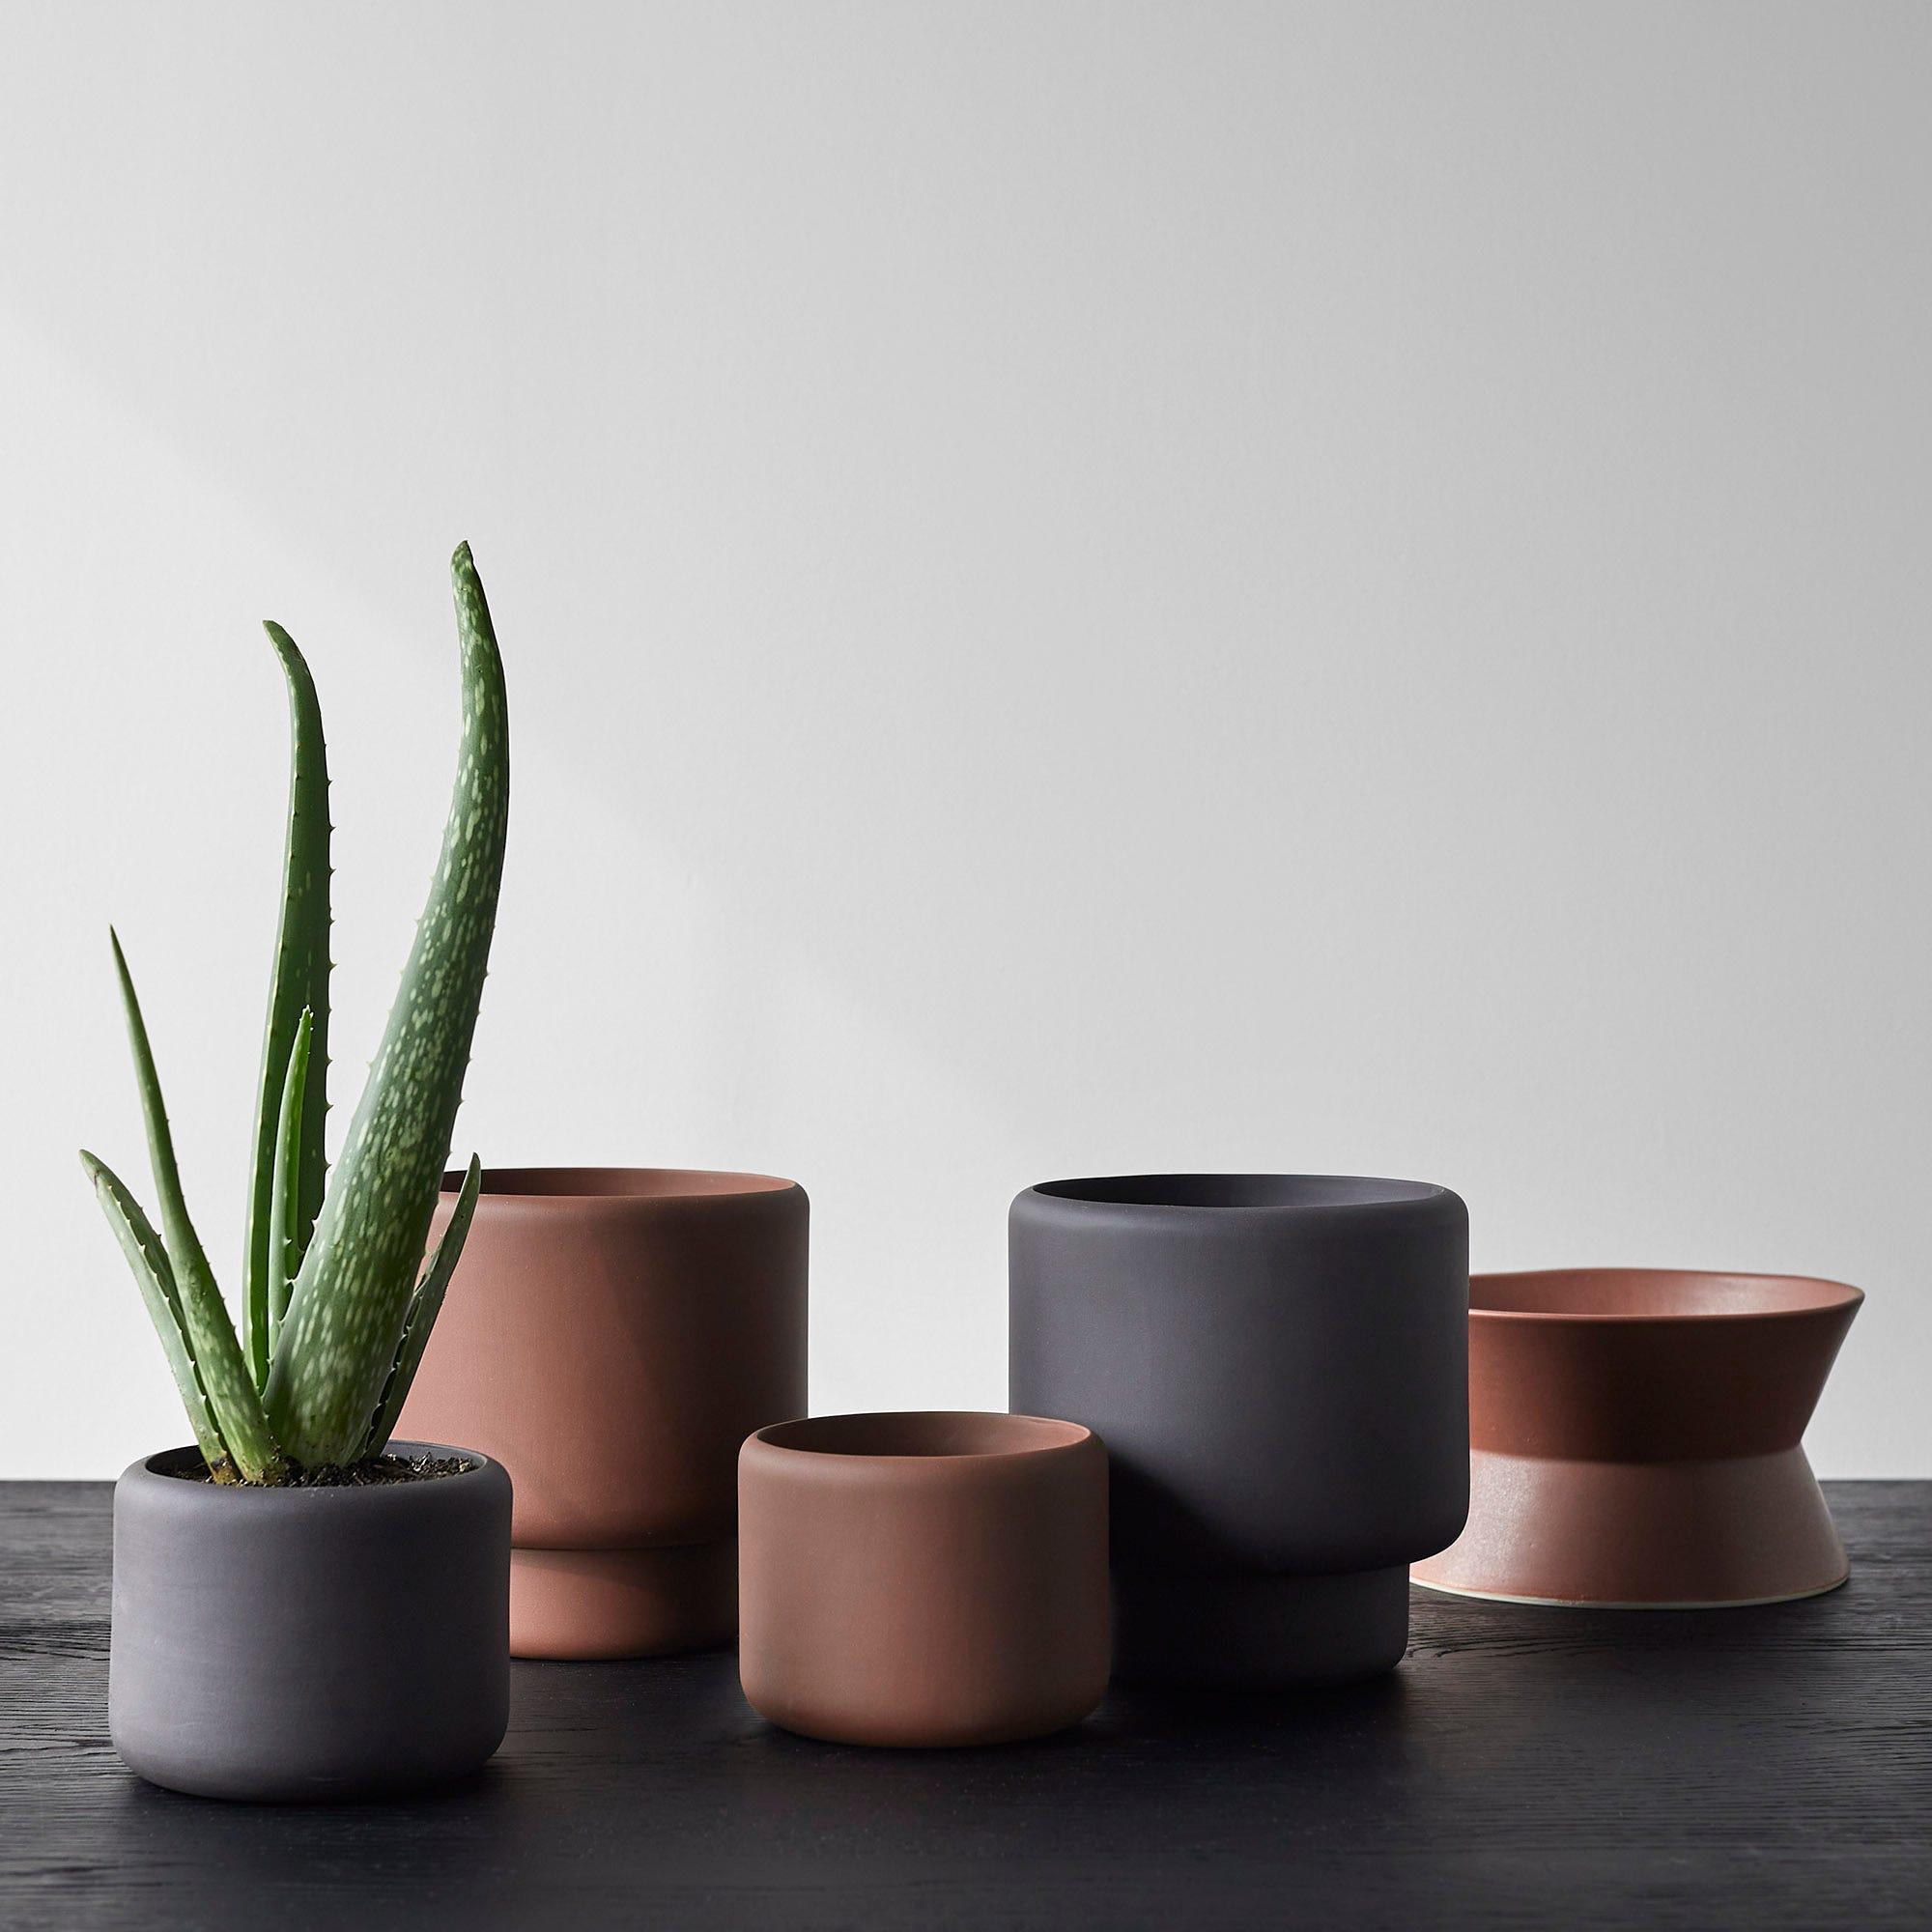 Vases + Planters